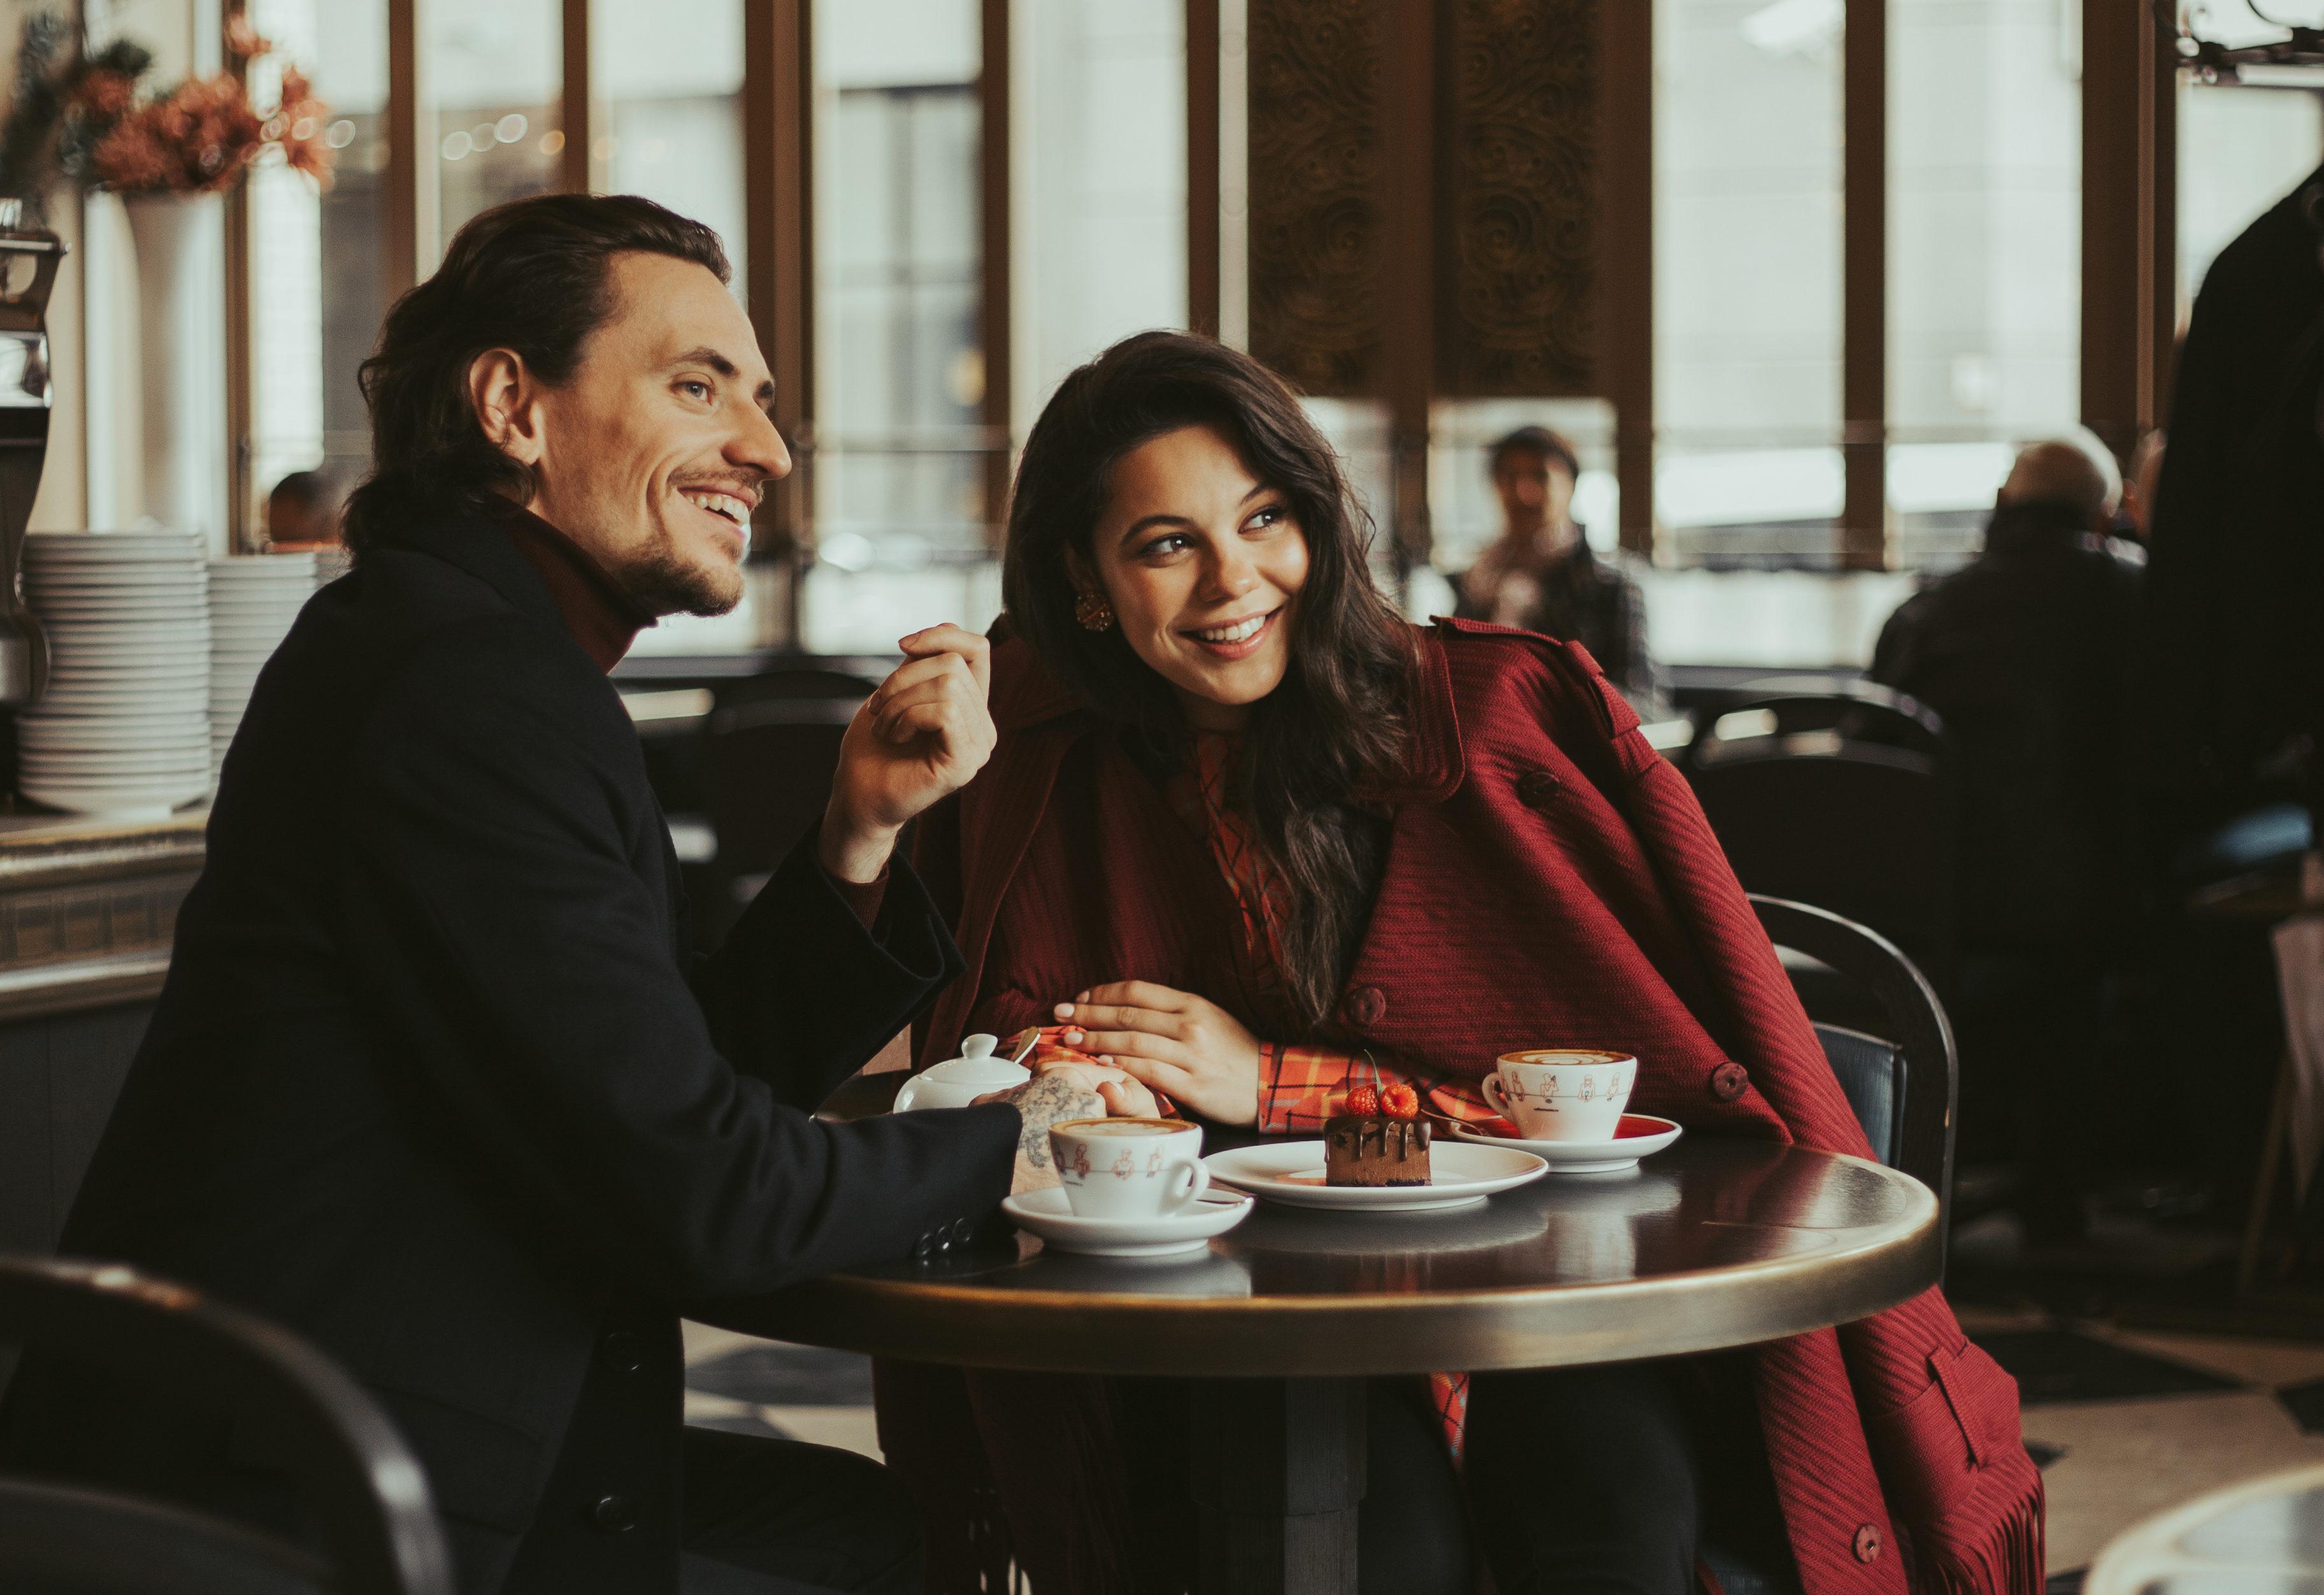 История любви Елены Ильиных и Сергея Полунина в очень крутой рекламе косметики. Тебе понравится!